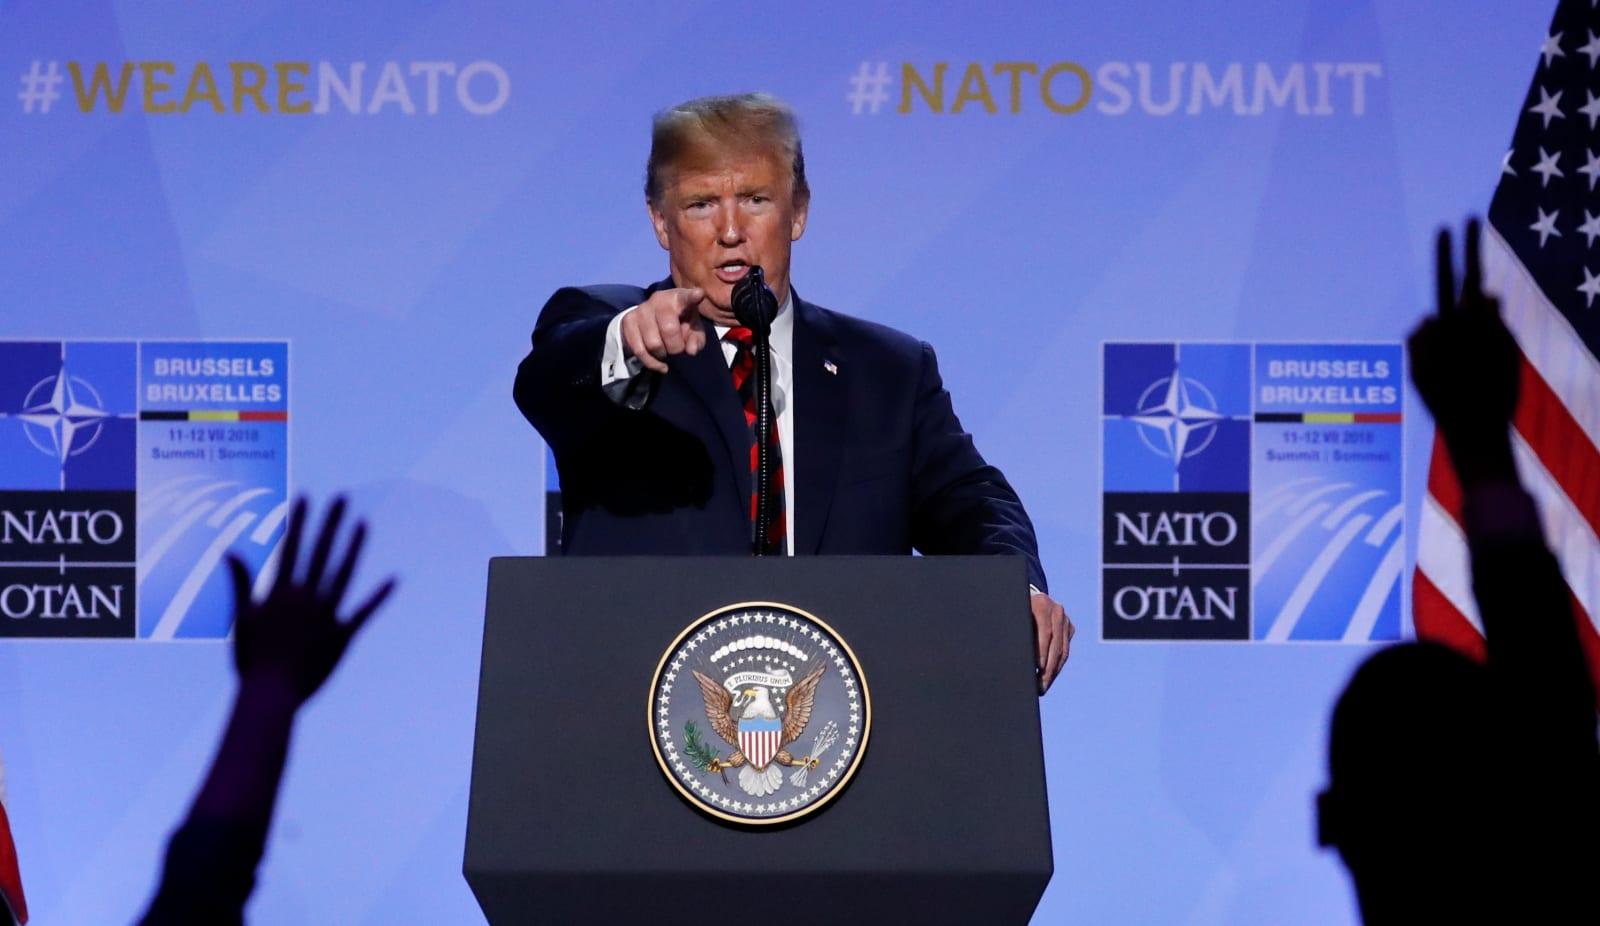 NATO-SUMMIT/